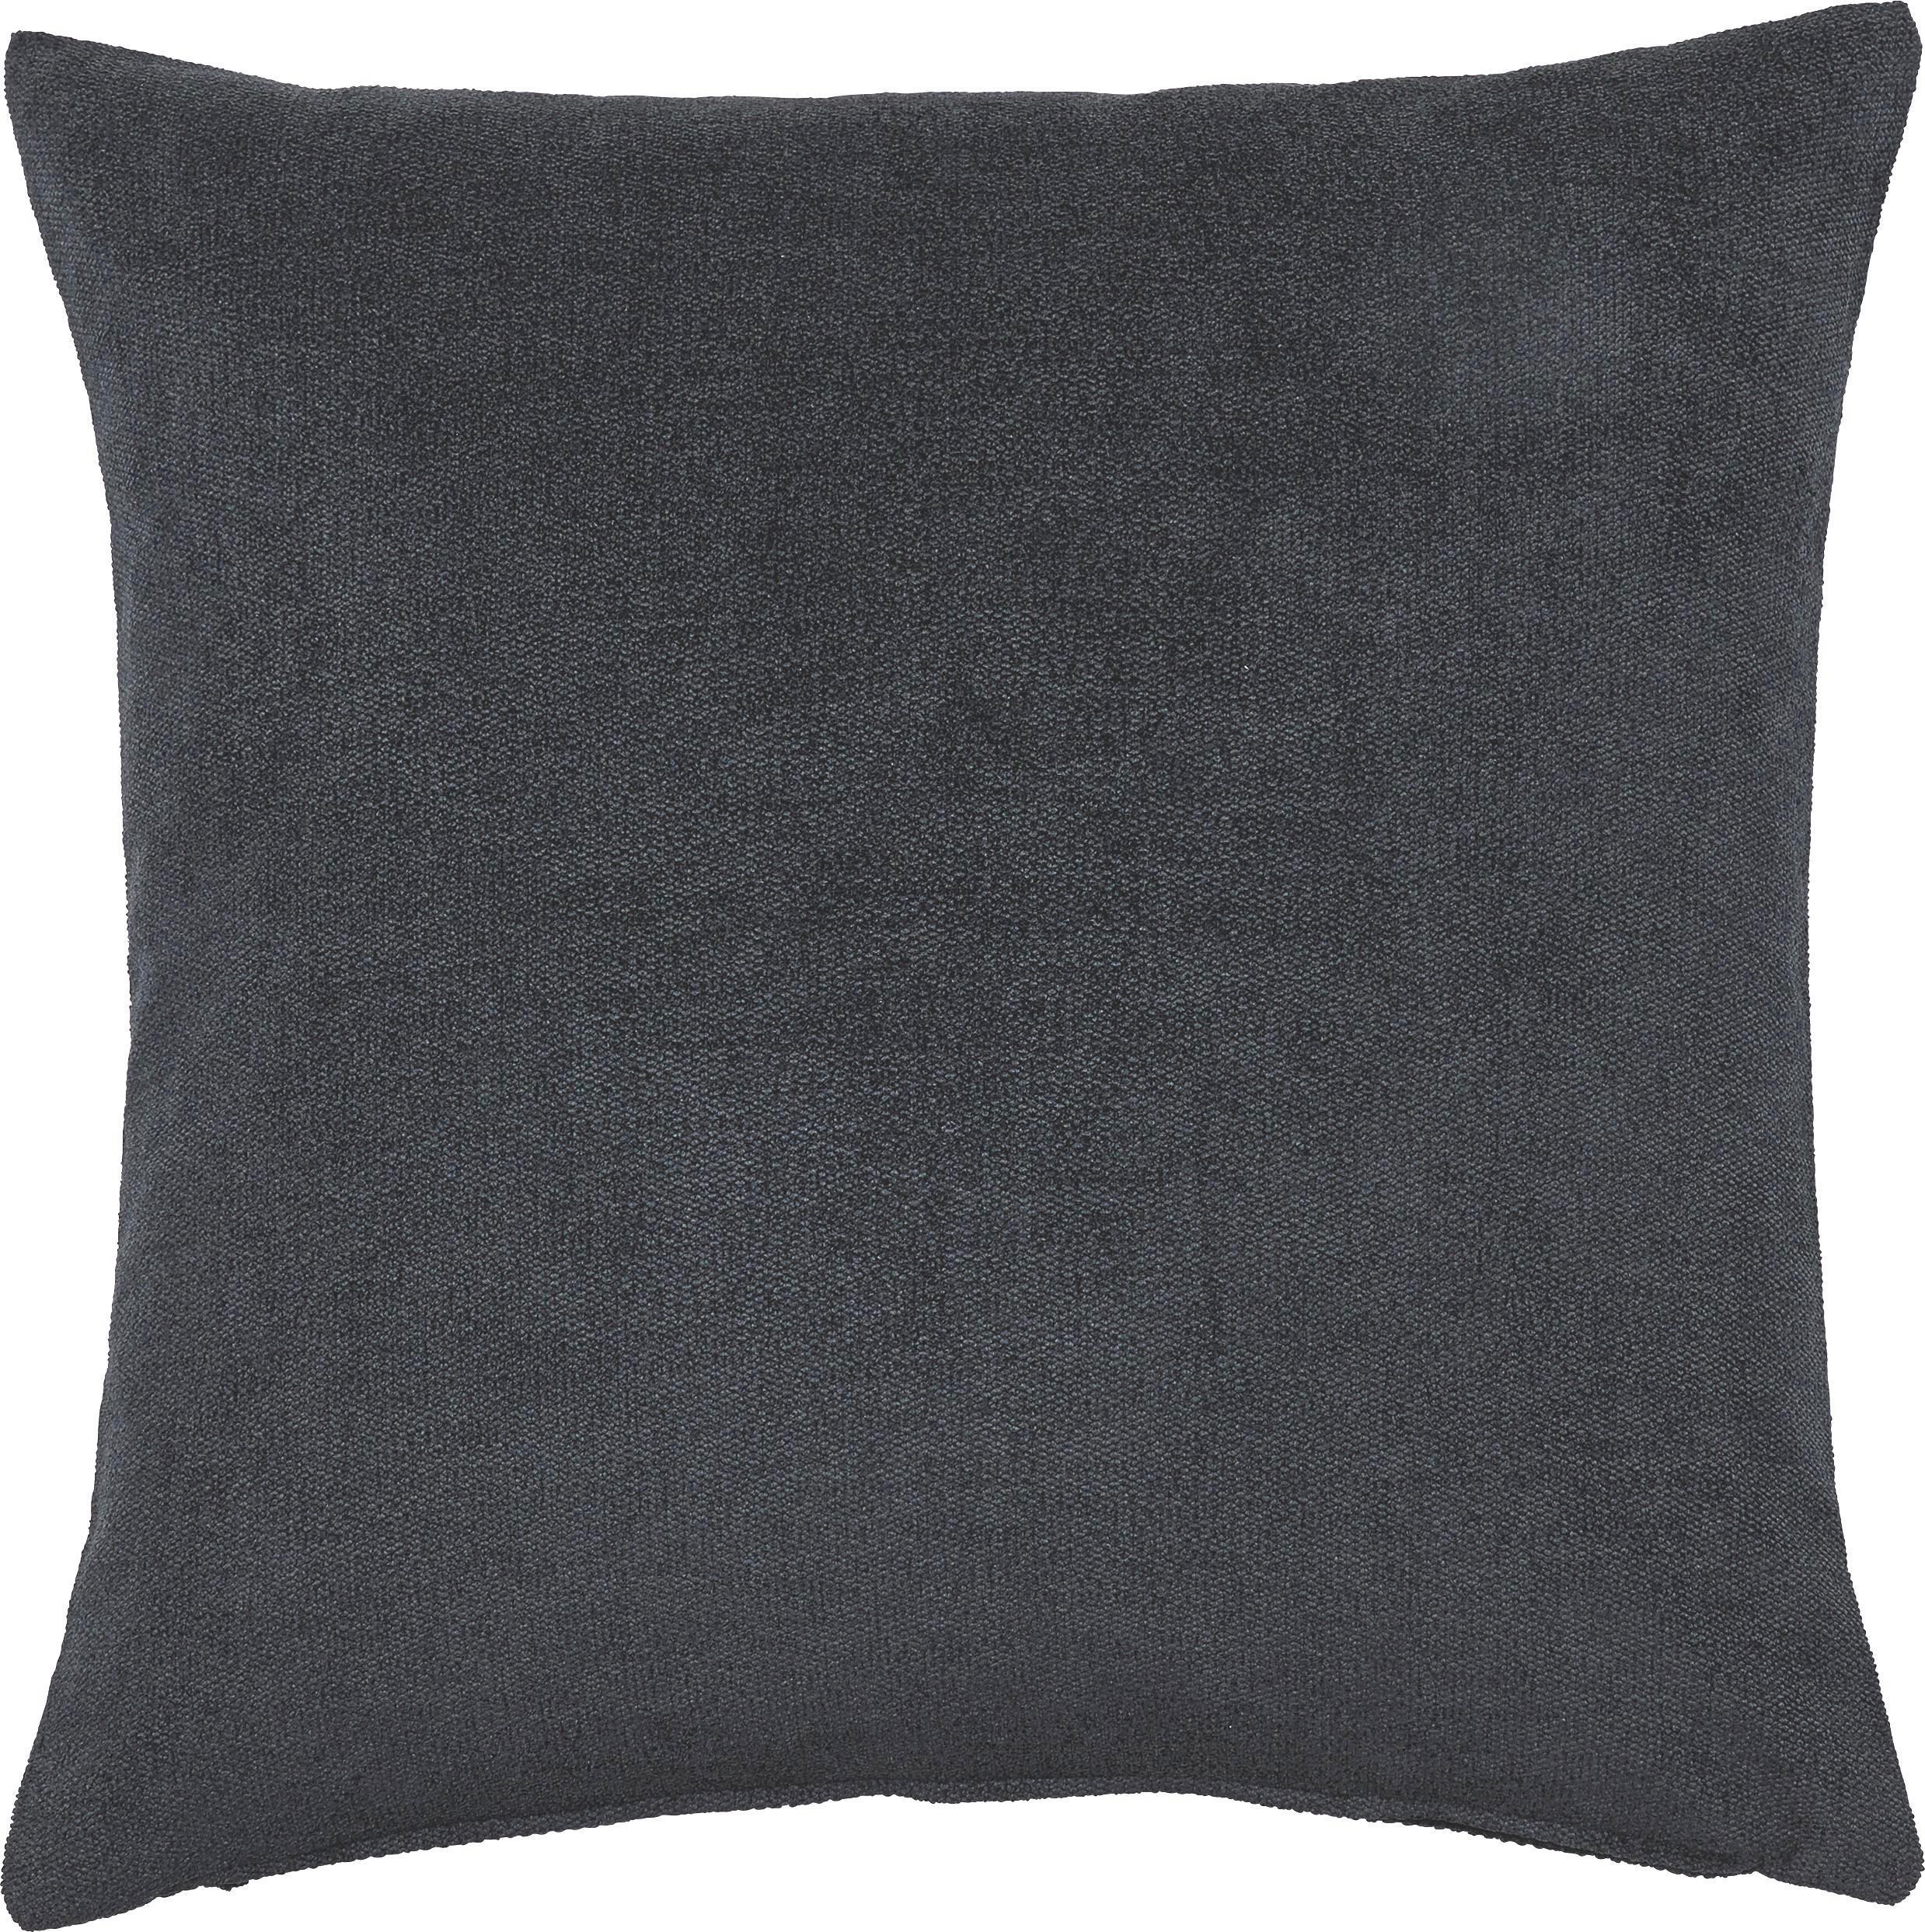 KISSENHÜLLE Schwarz 50/50 cm - Schwarz, Basics, Textil (50/50cm)